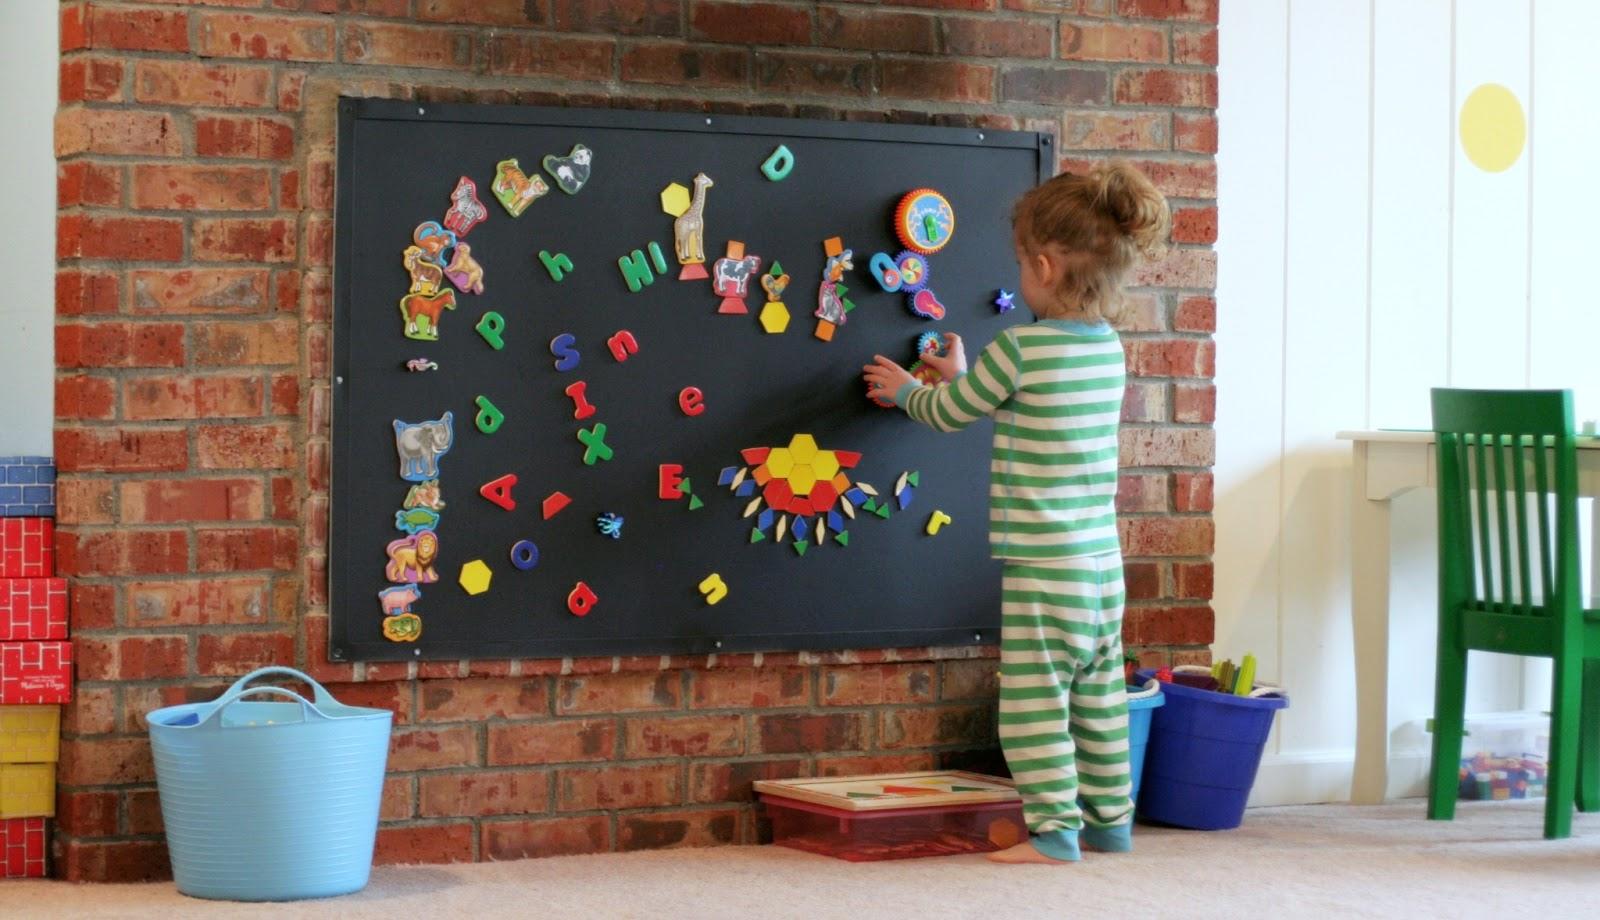 Оформление игровой комнаты в детском саду фото своими руками 40